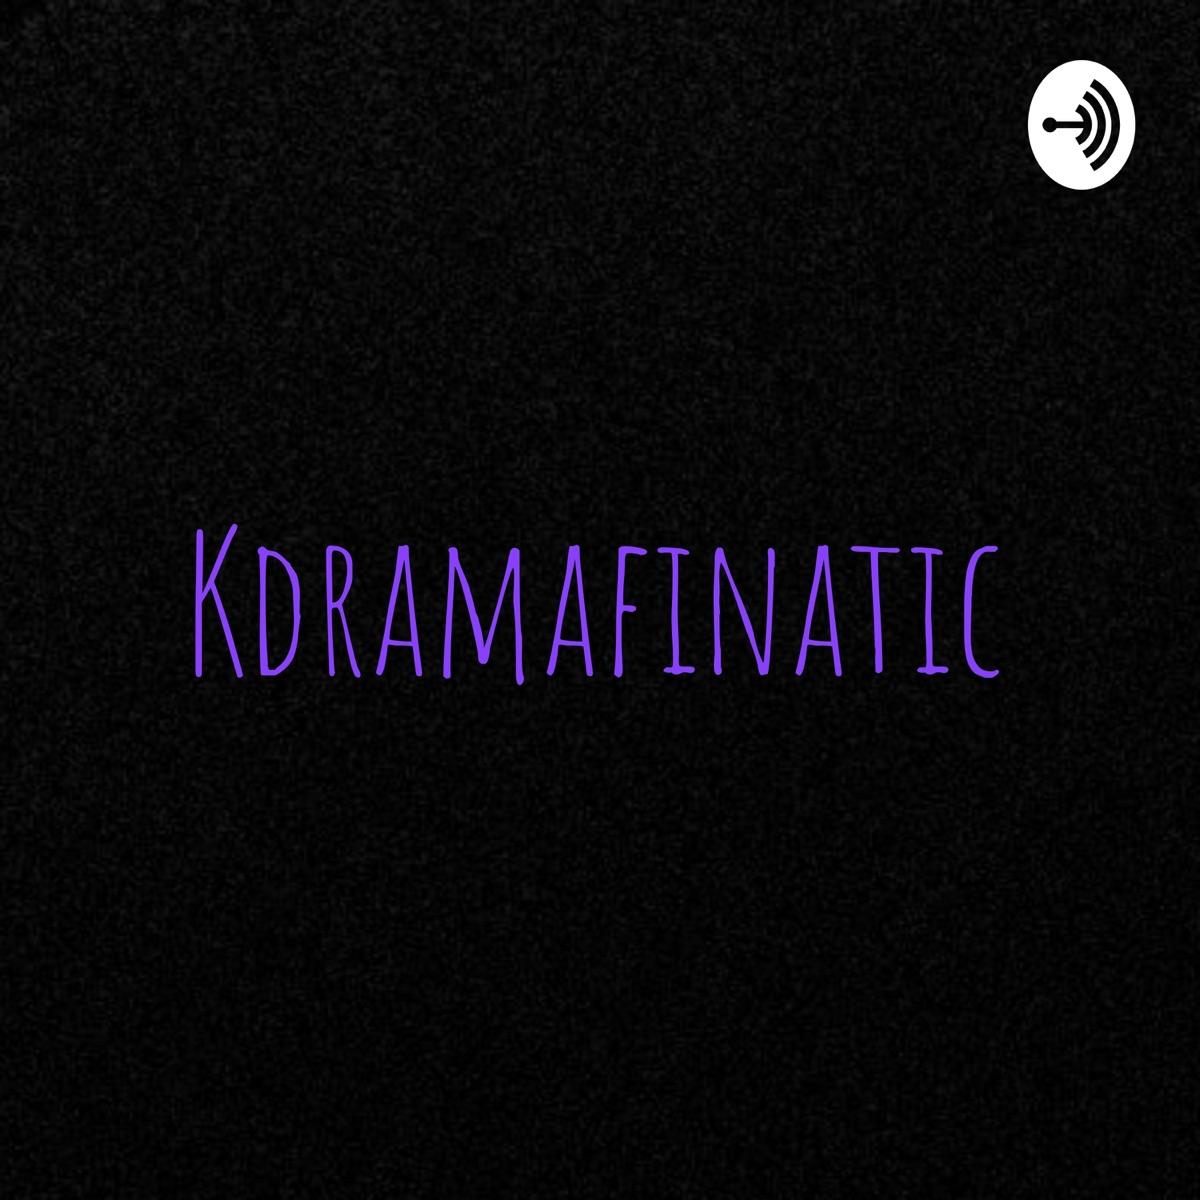 Kdramafinatic